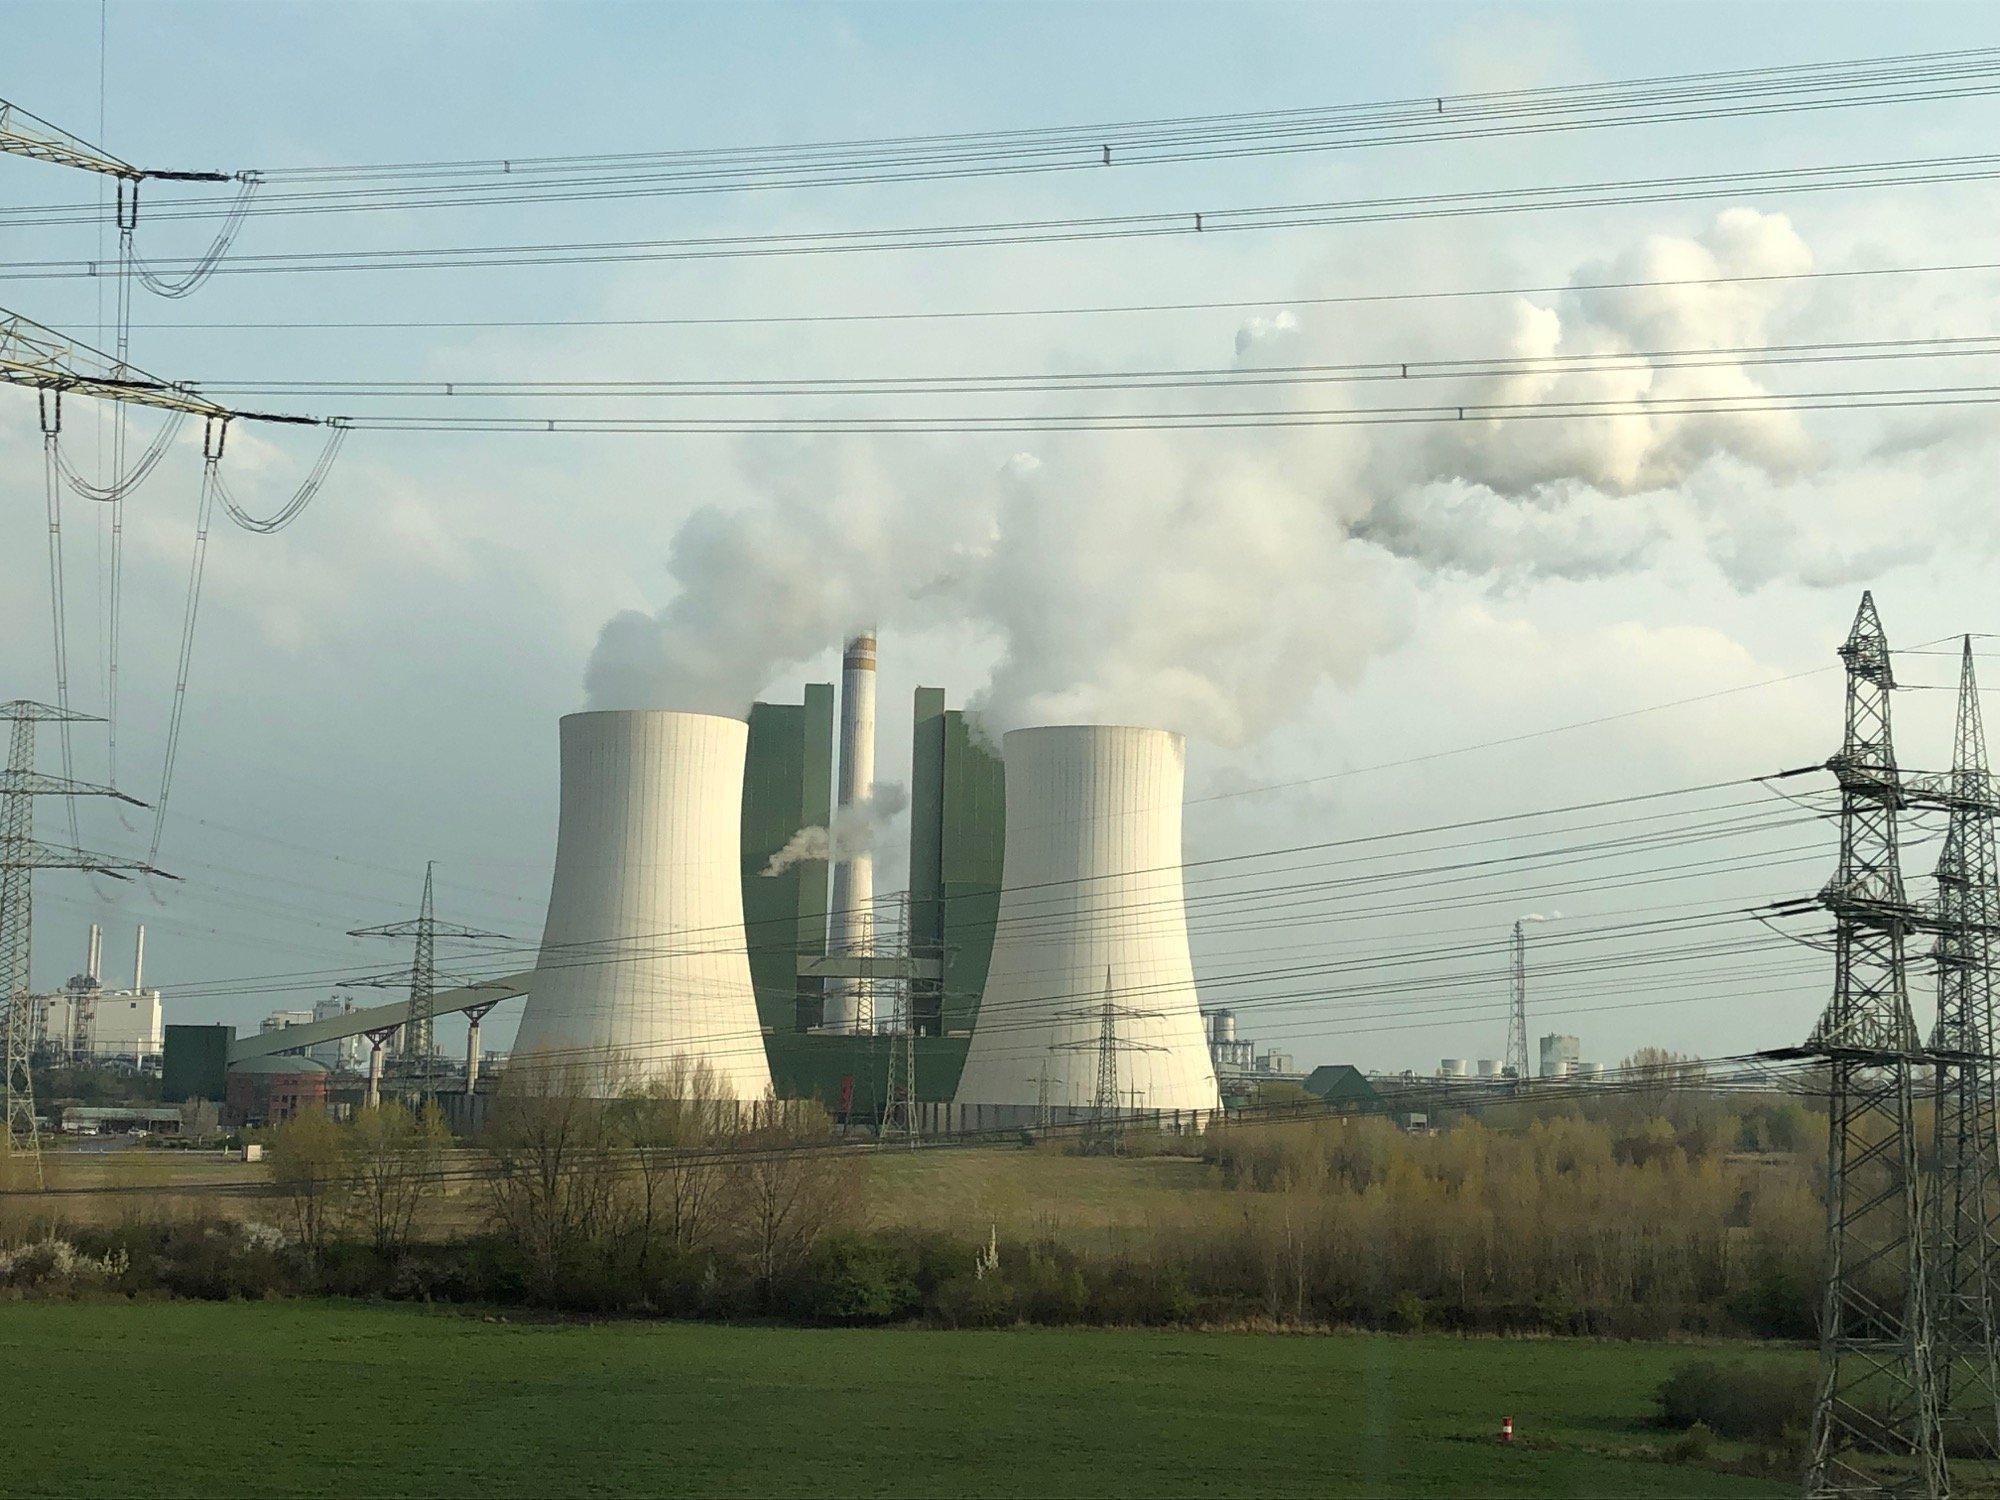 Ein Braunkohlekraftwerk. Aus den Schornsteinen strömt Rauch.